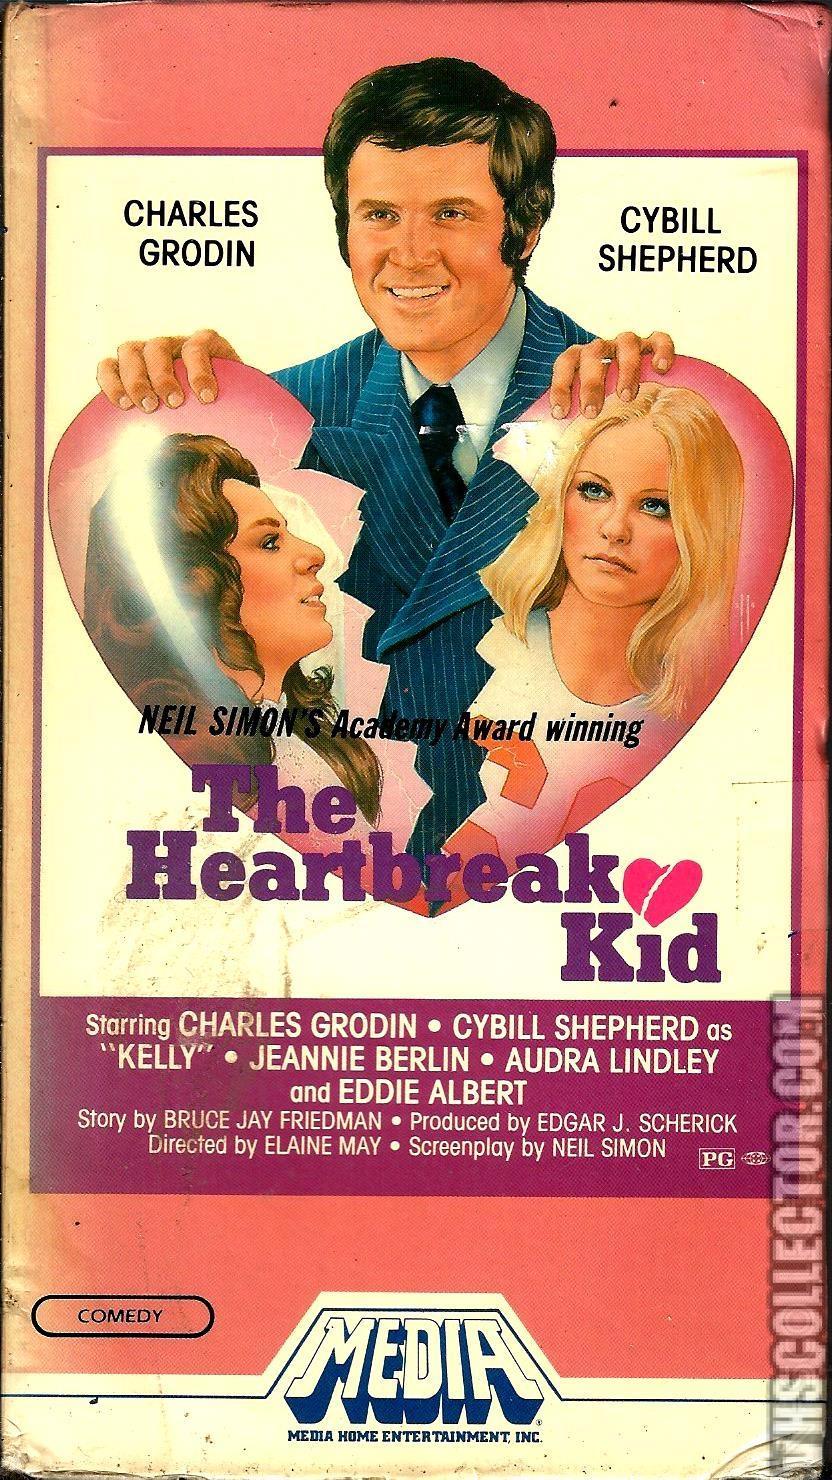 Cybill Shepherd The Heartbreak Kid